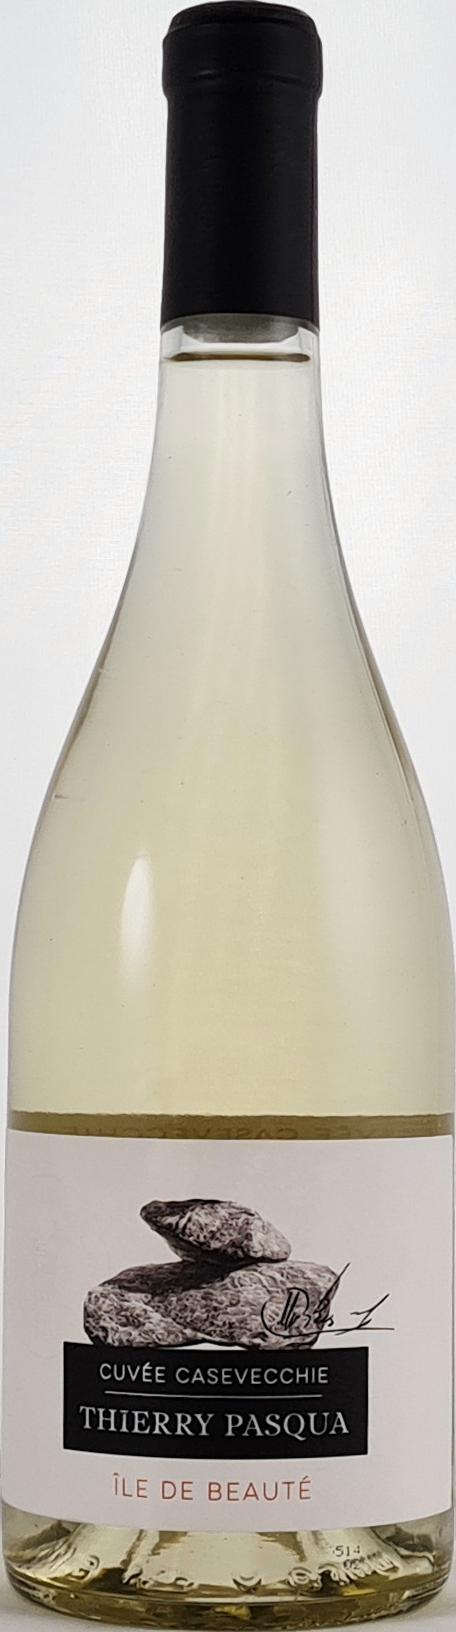 vin blanc corse igp ile de beauté